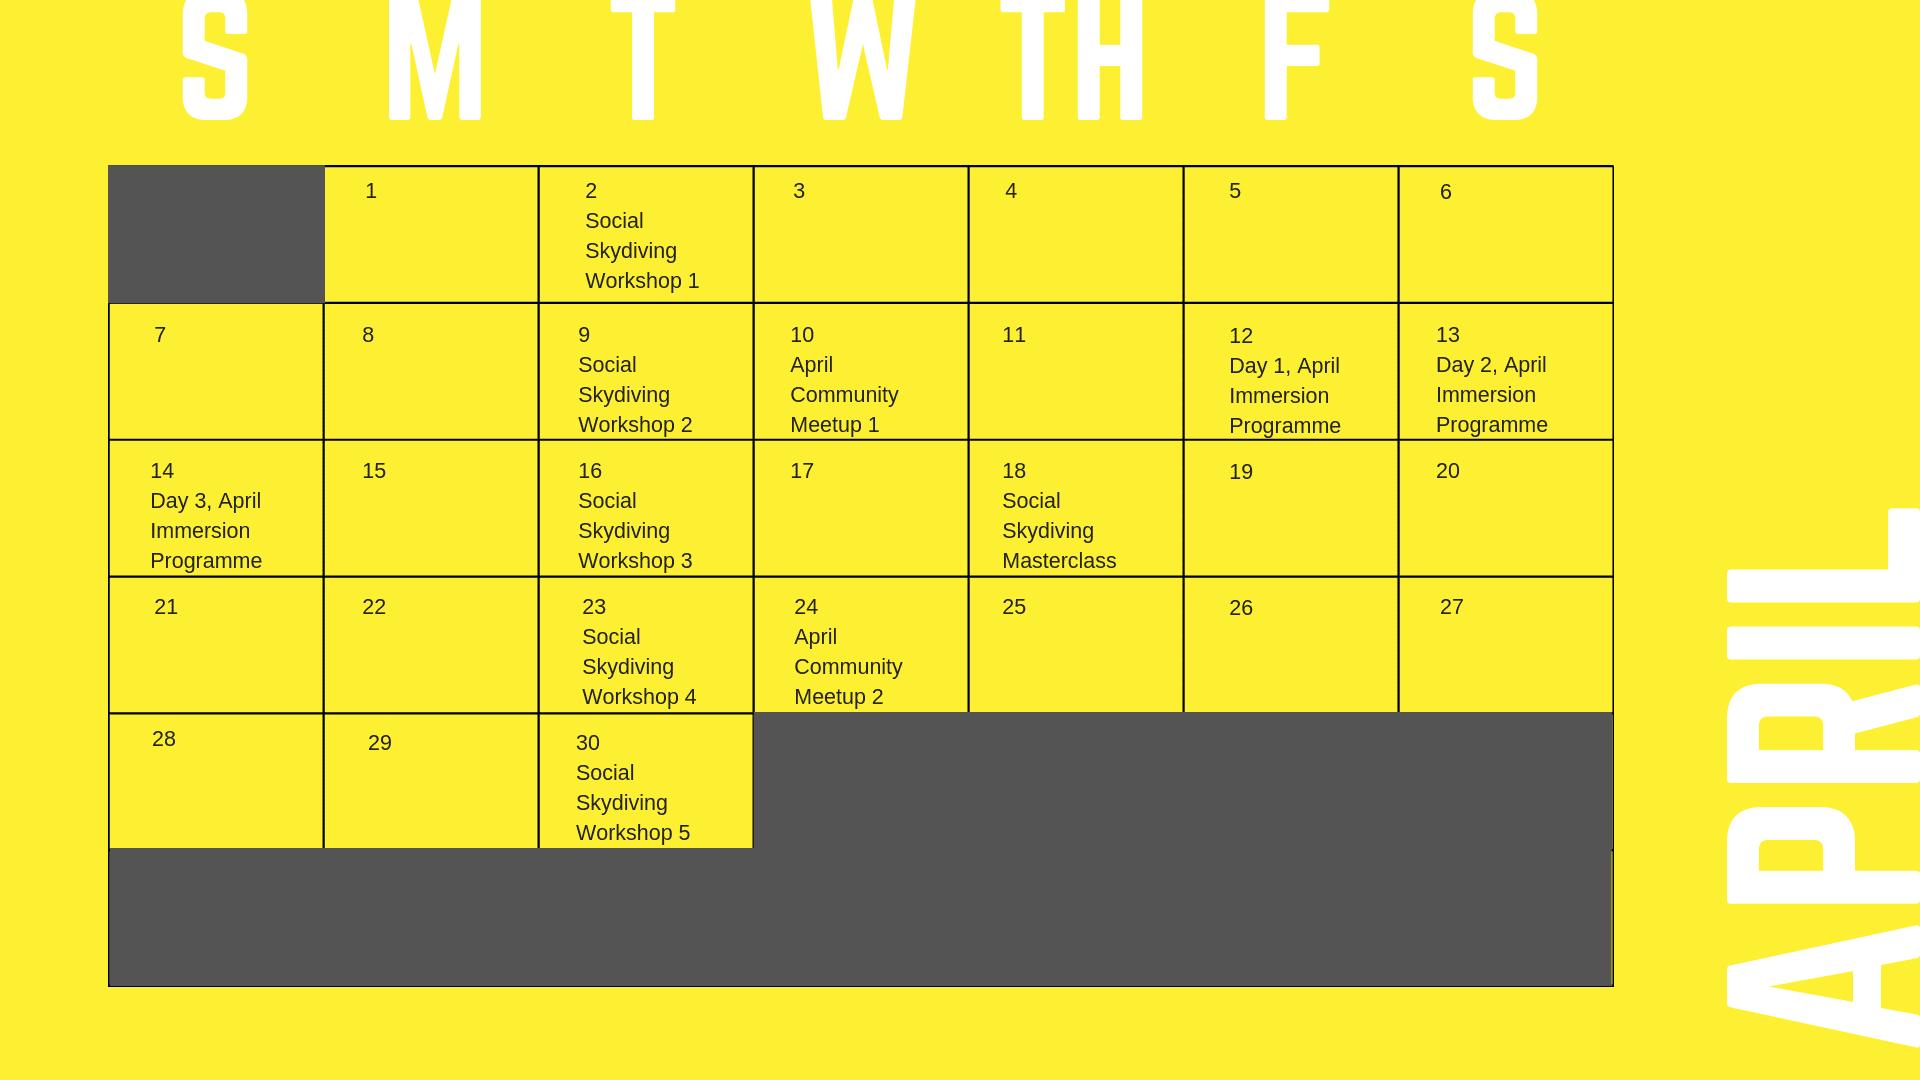 Events April